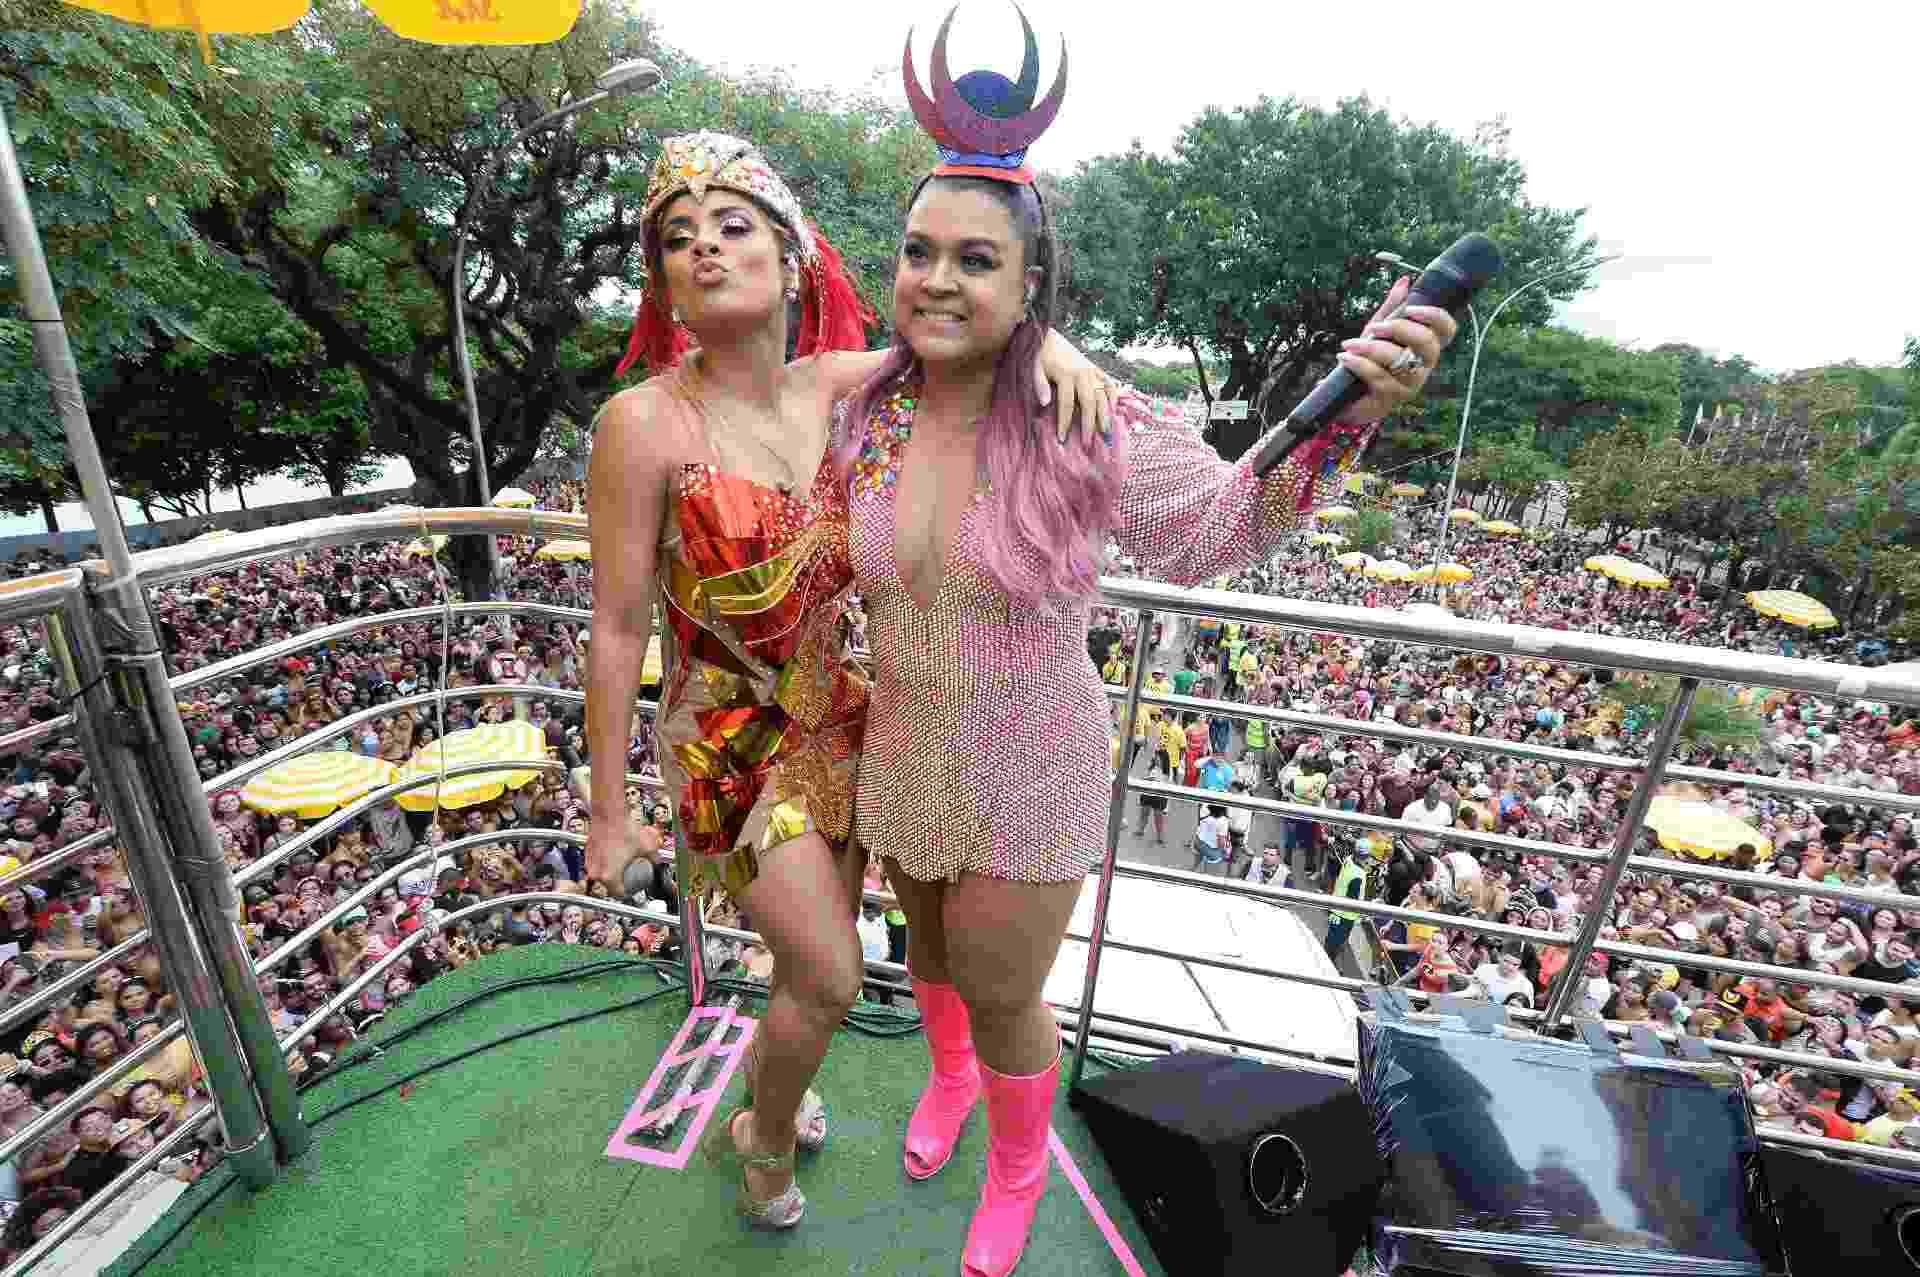 Lexa participa do Bloco da Preta, em São Paulo, depois de levar golpe e não conseguir sair com o seu próprio trio, o Sapequinha - Francisco Cepeda/AgNews